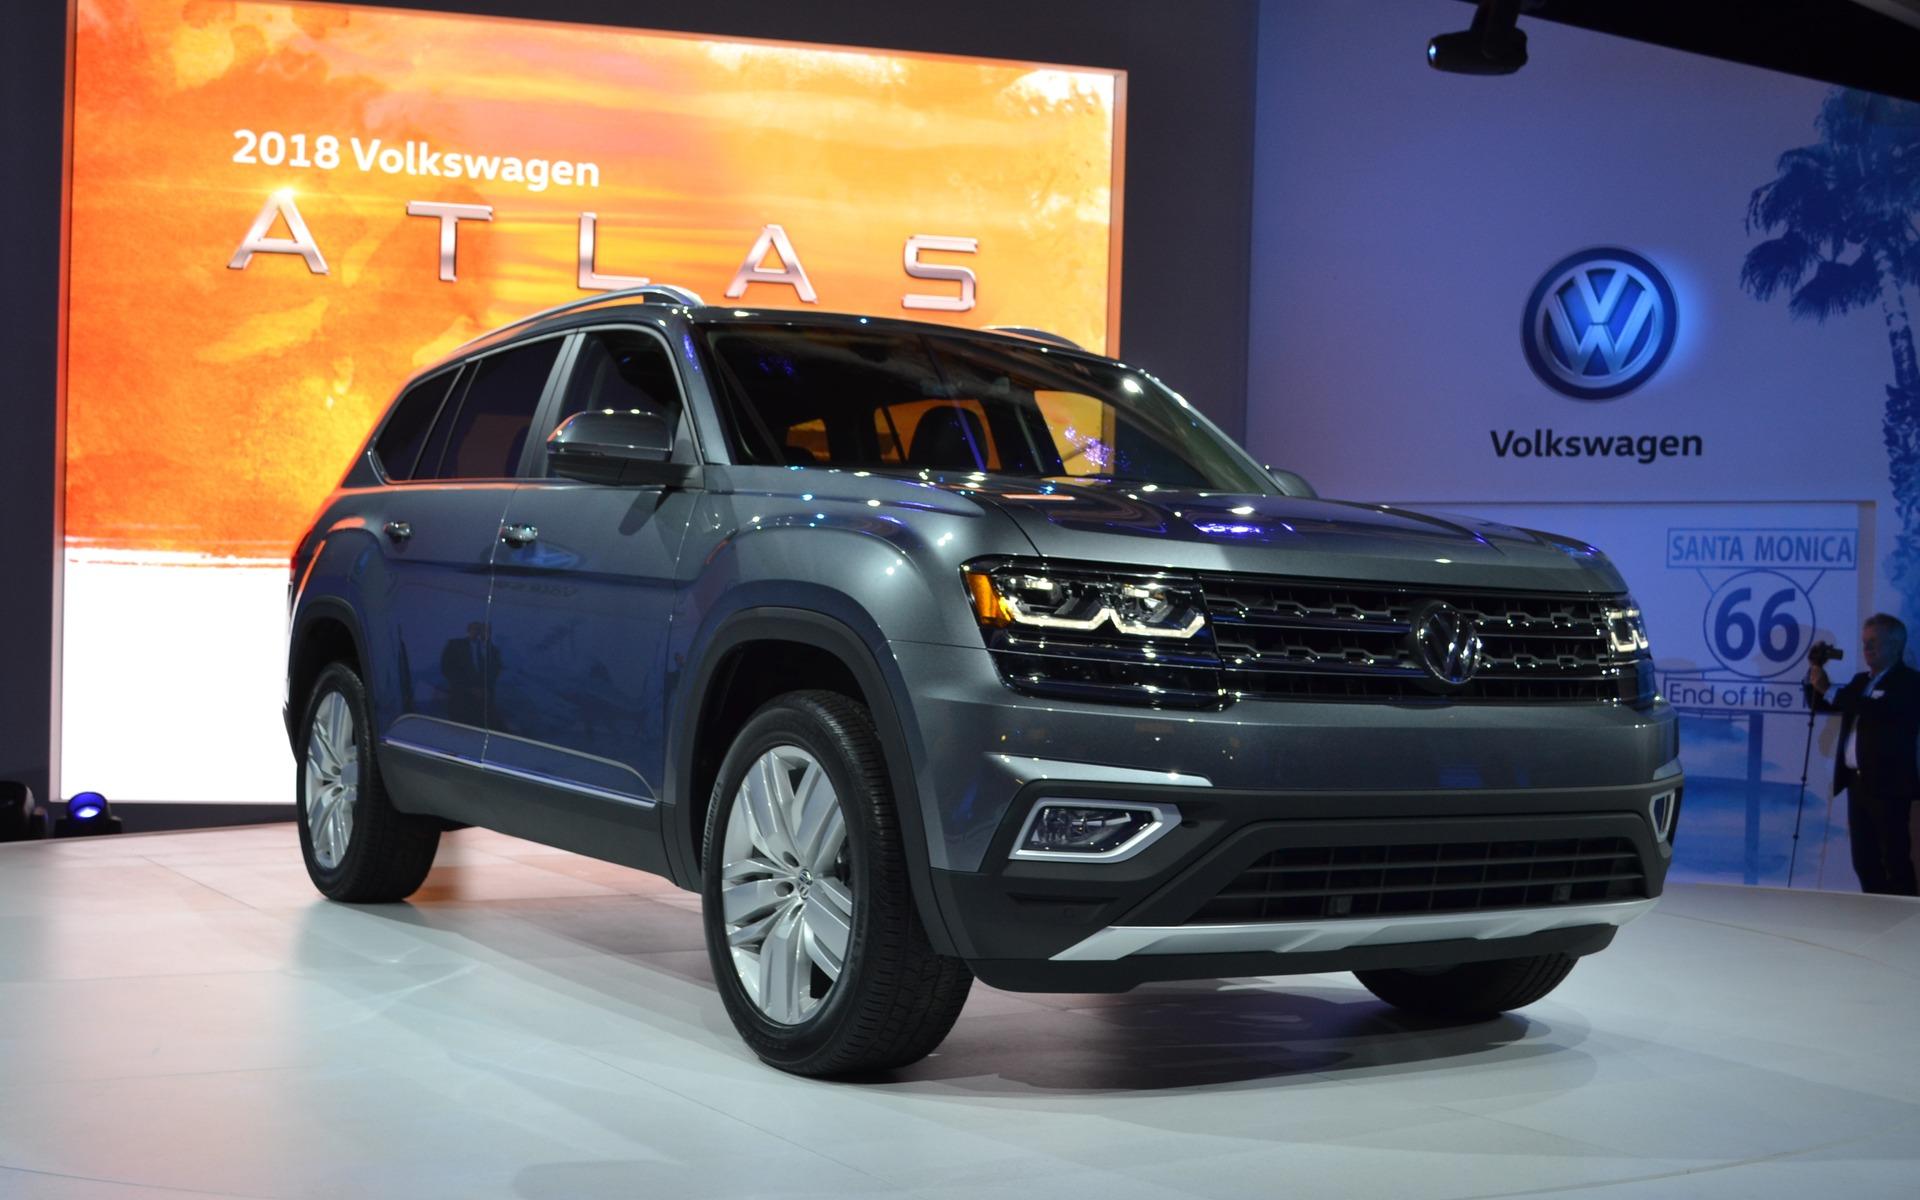 The 2018 Atlas Is Volkswagen S New Suv 9 22